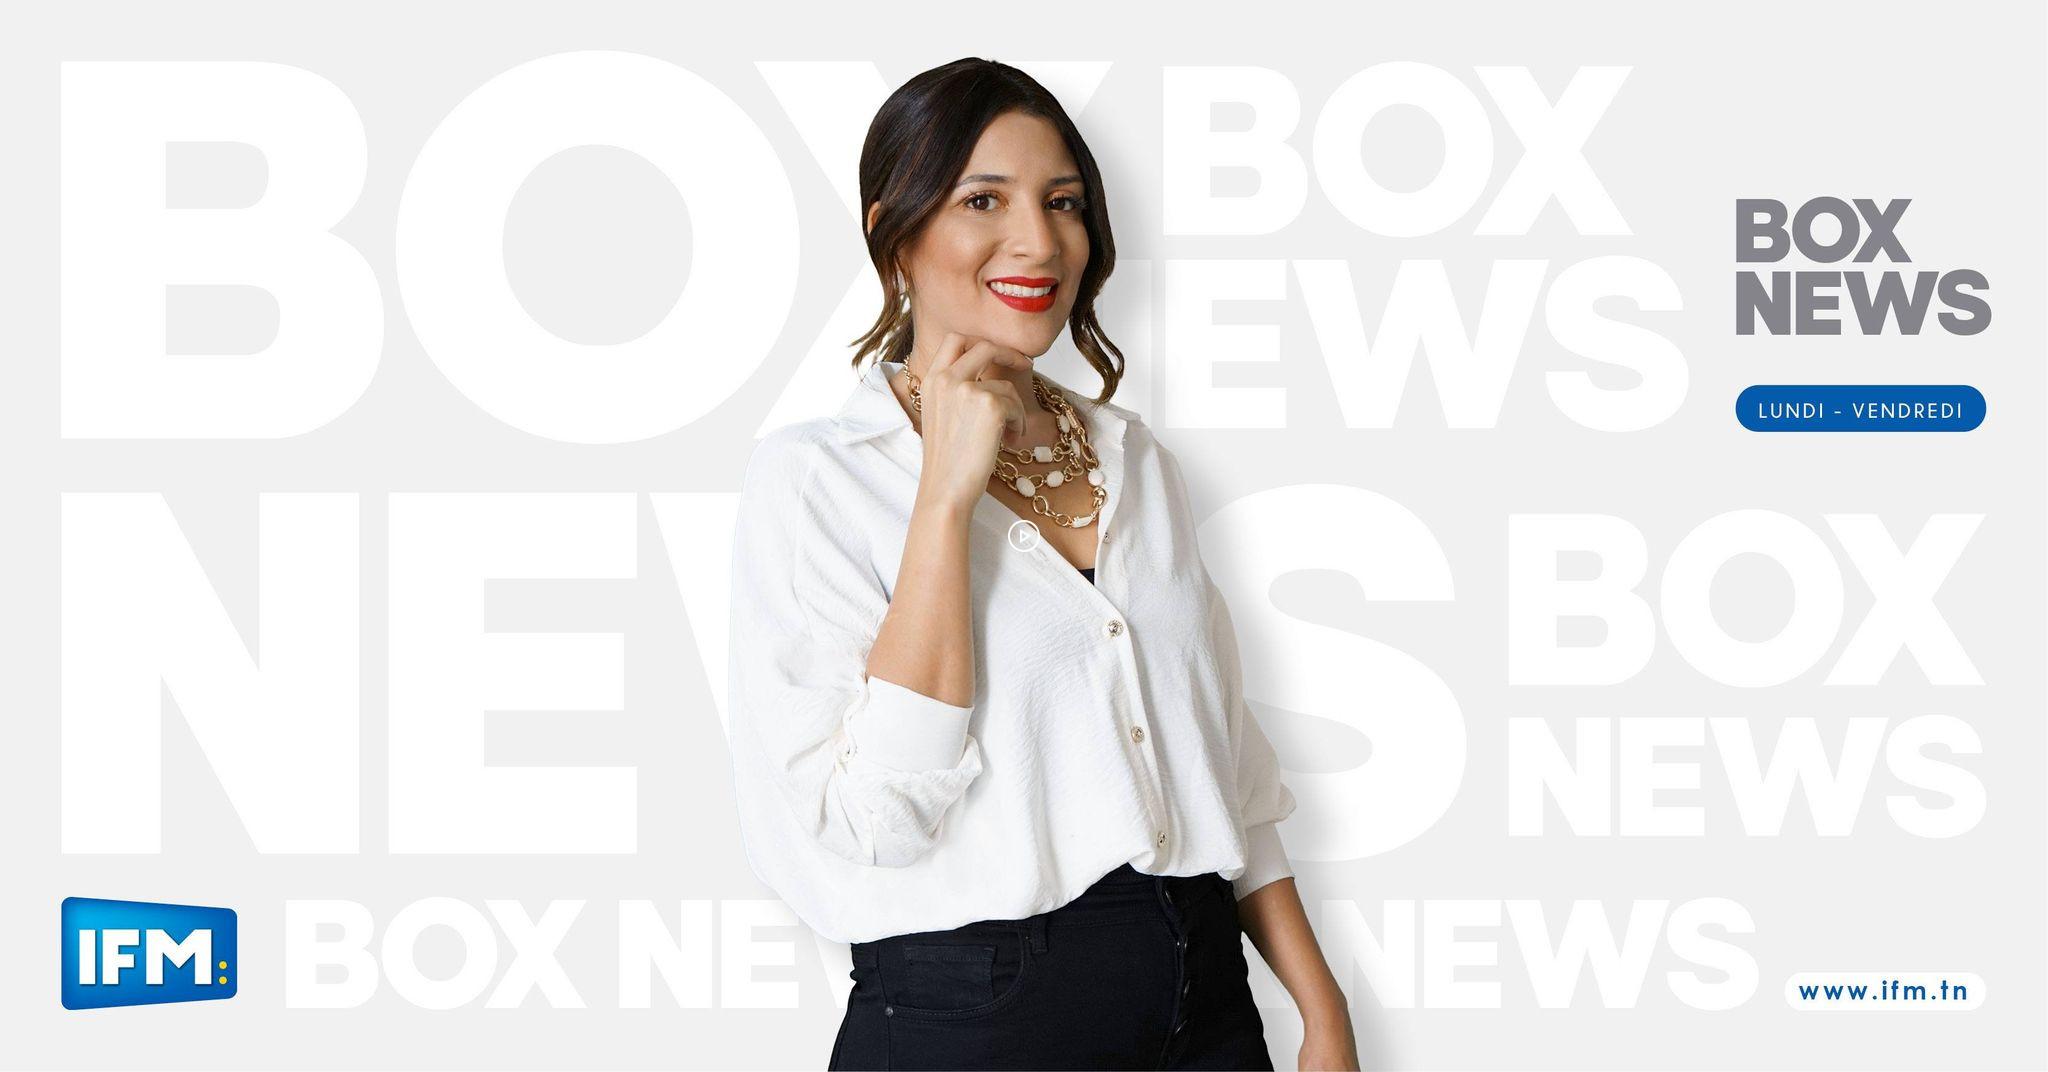 Box News : روني طرابلسي يروّج لحفلة رأس السنة في جربة و شفرة في وجبة عشاء تتسبب في جروح لطبية